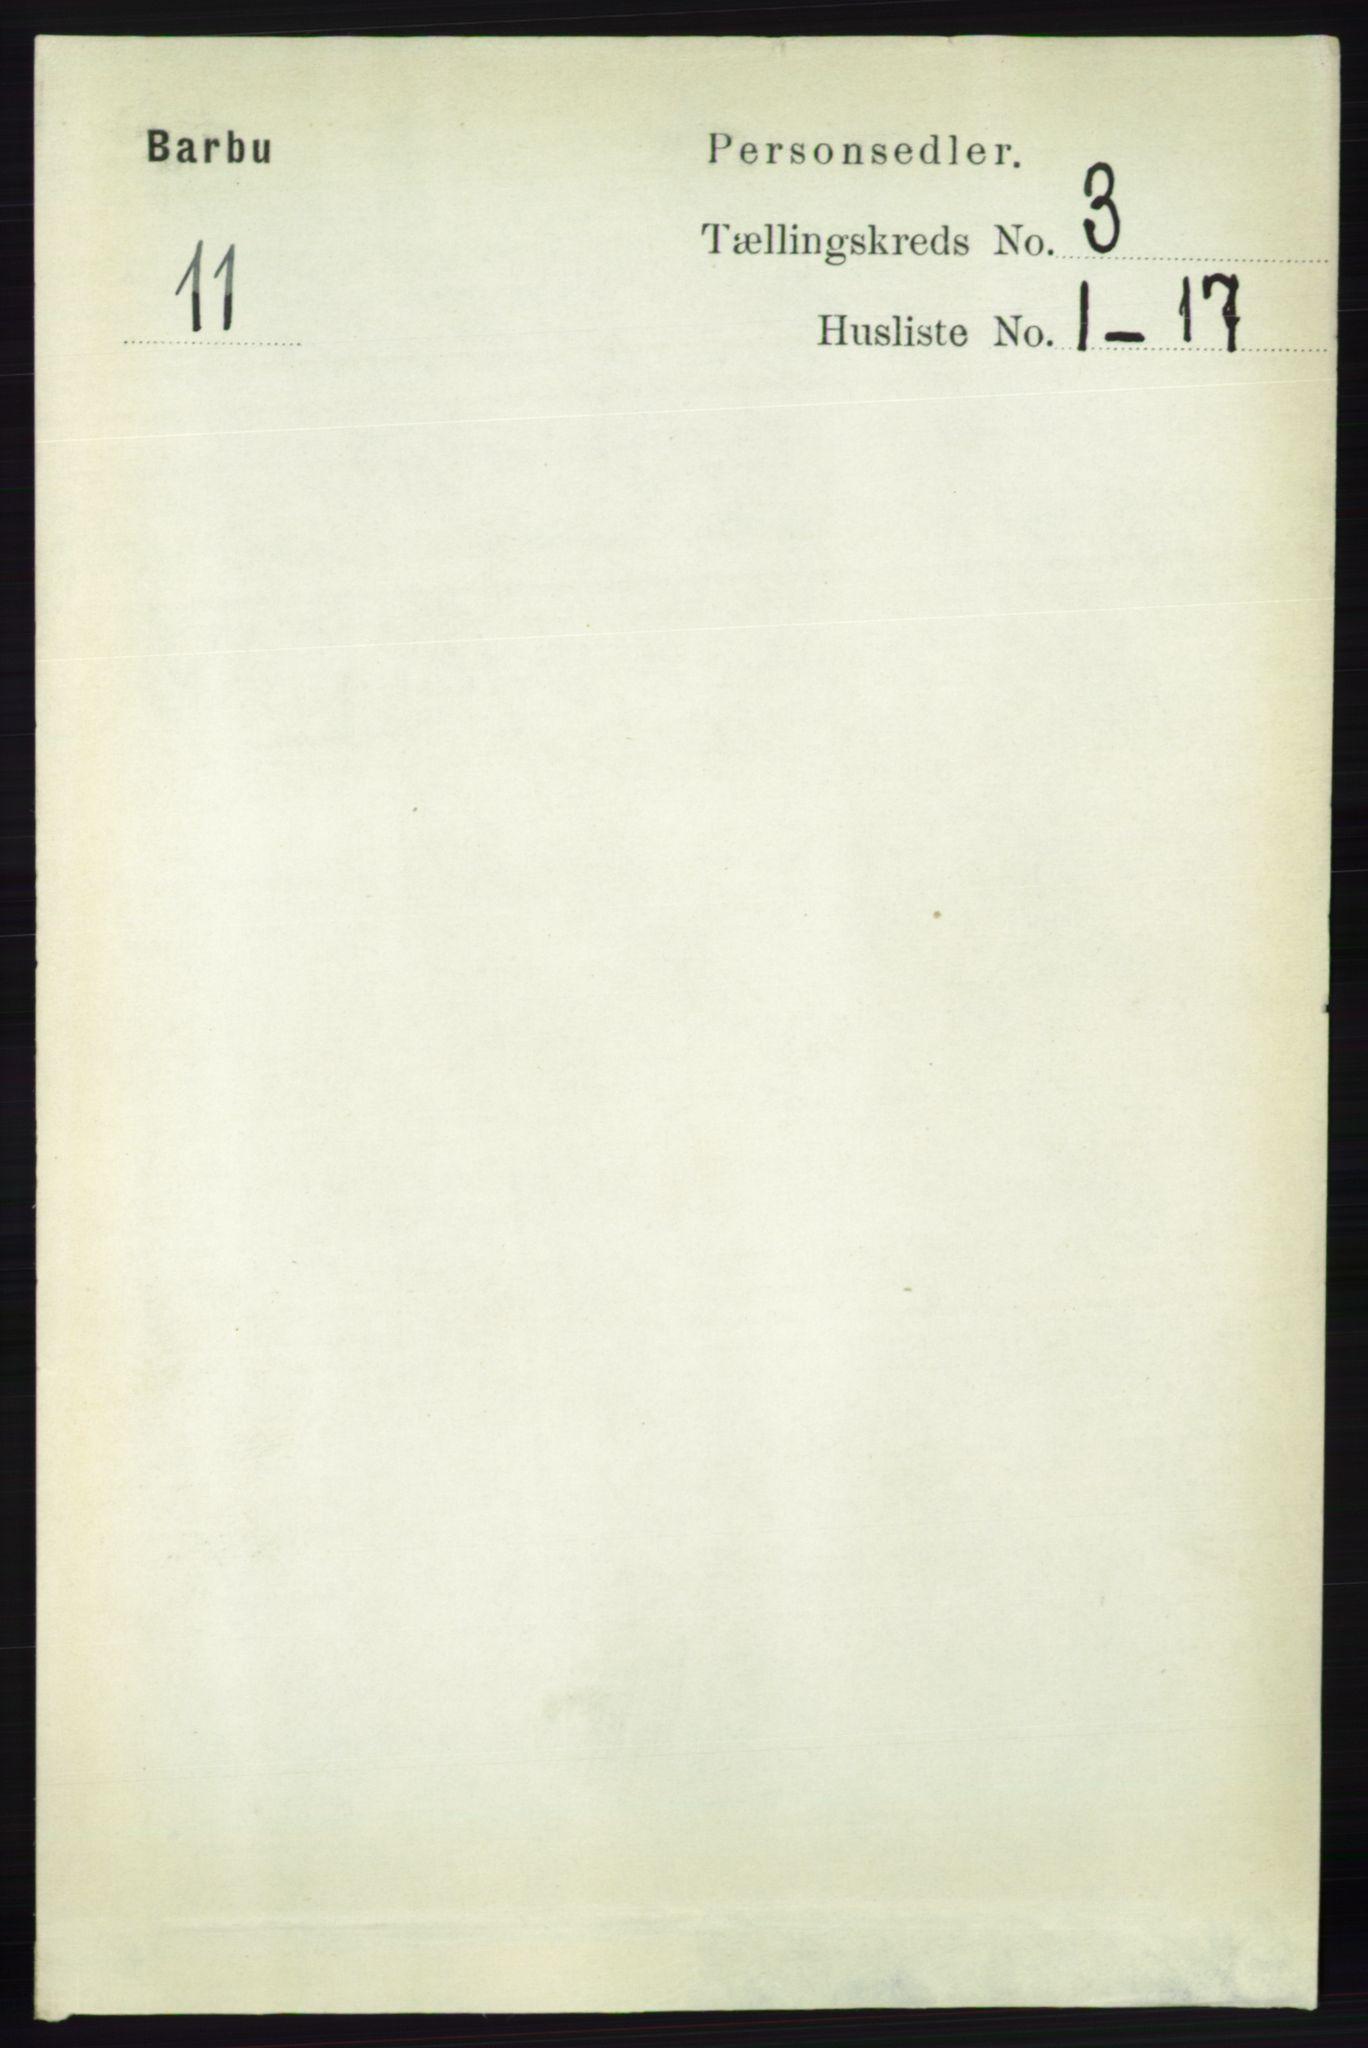 RA, Folketelling 1891 for 0990 Barbu herred, 1891, s. 1462